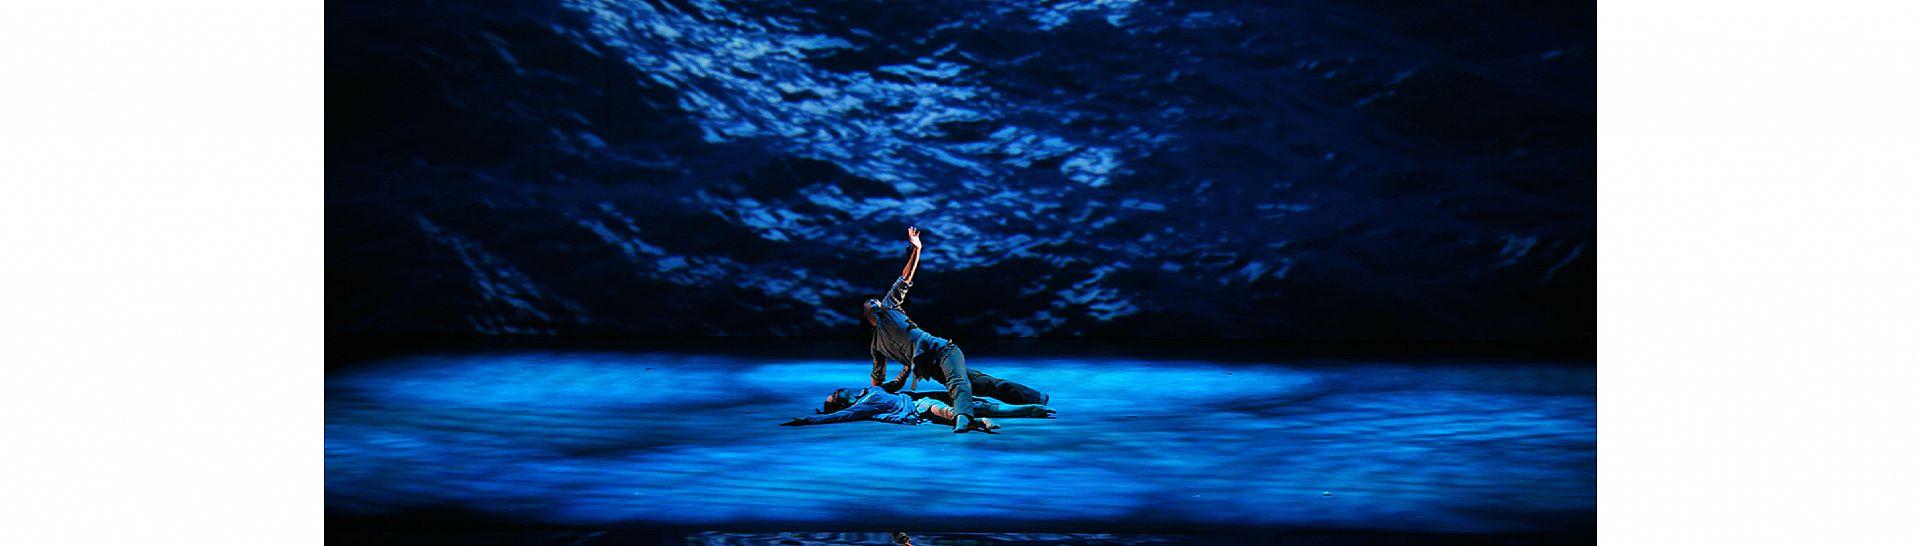 אופרת ירח 05